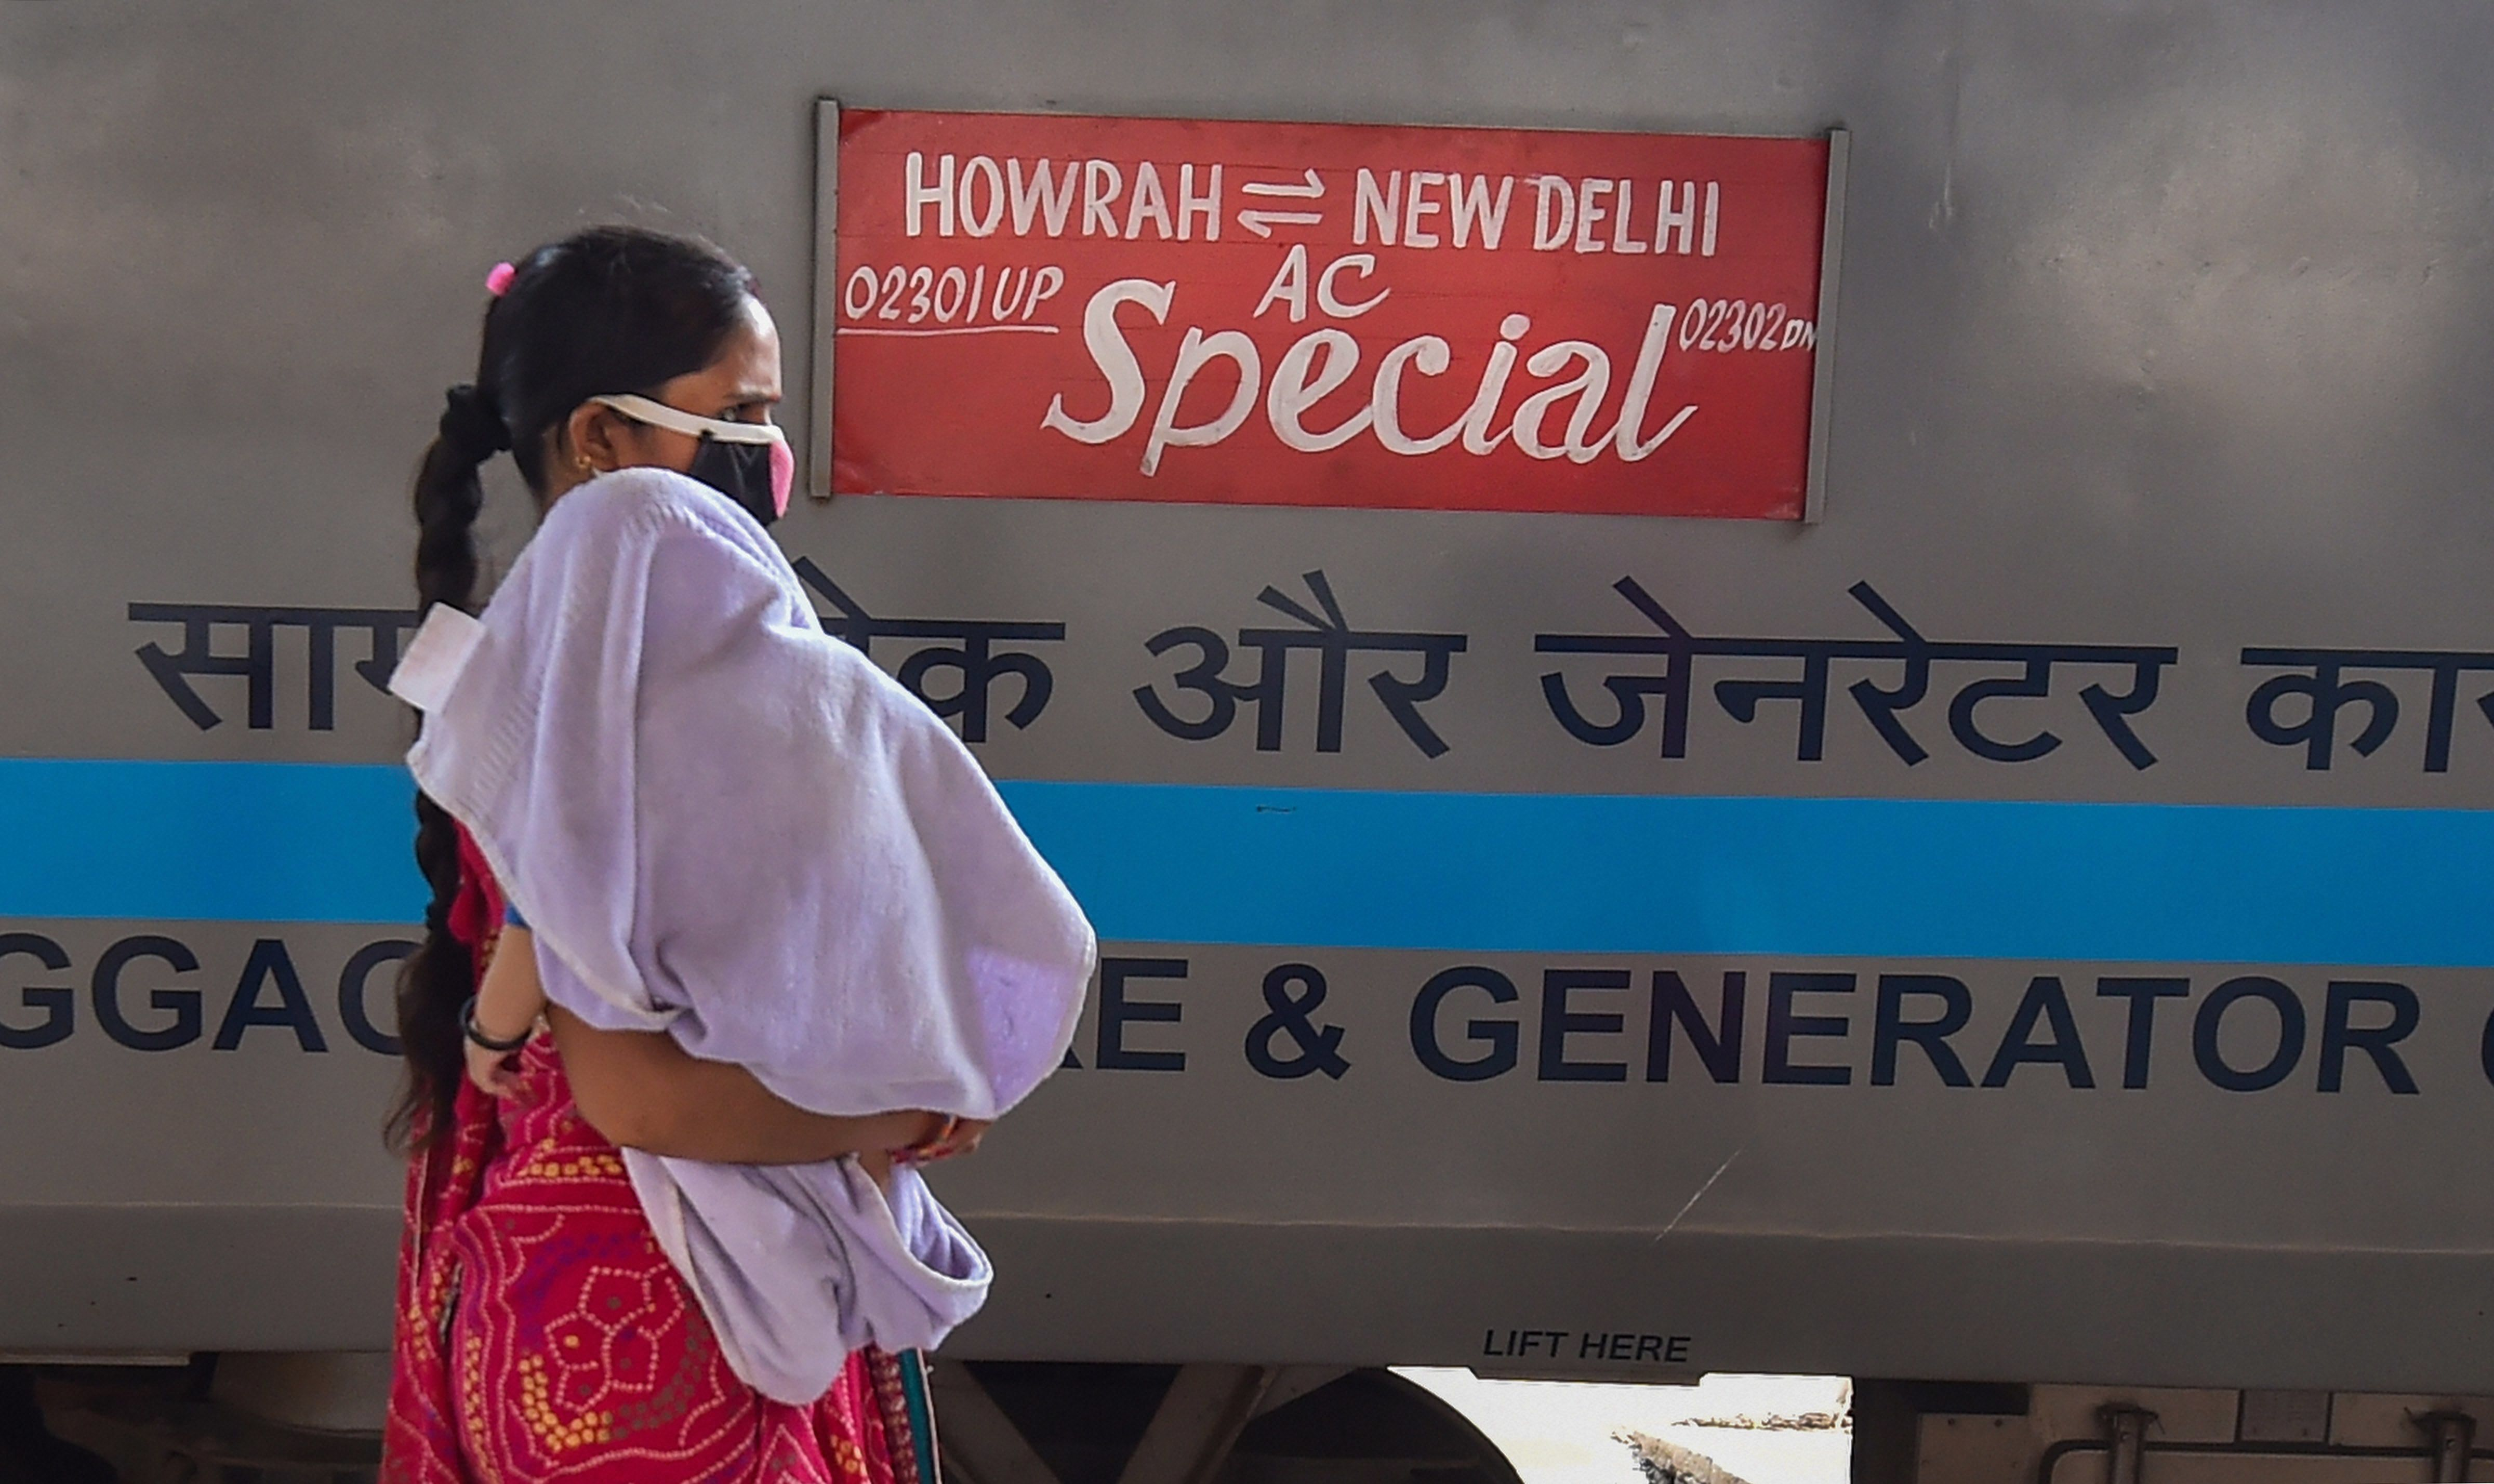 বাচ্চাকে নিয়ে এক মহিলা উঠছেন বিশেষ ট্রেনে (PTI)